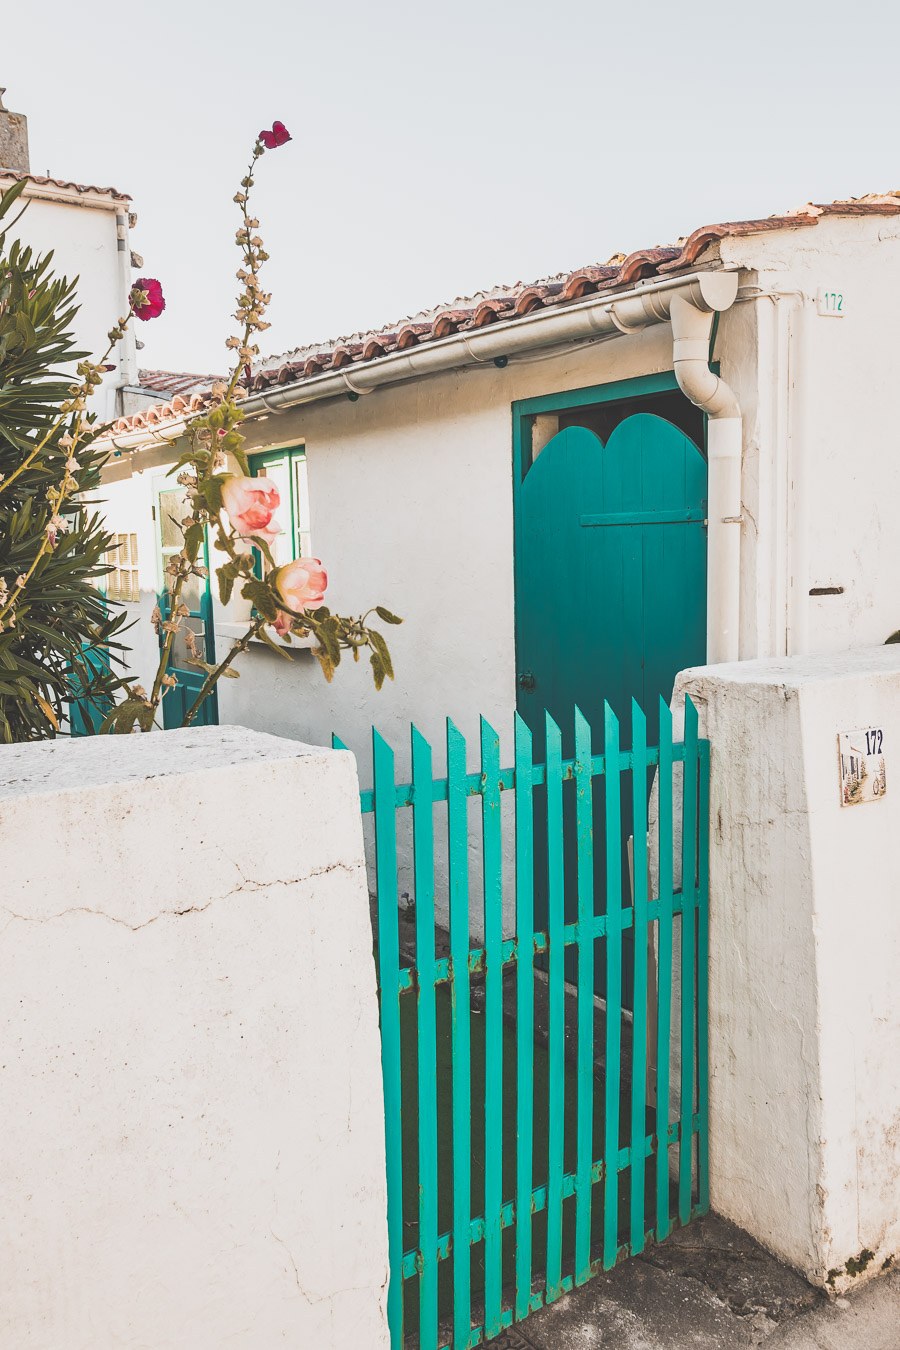 Visiter le village de Chaucre